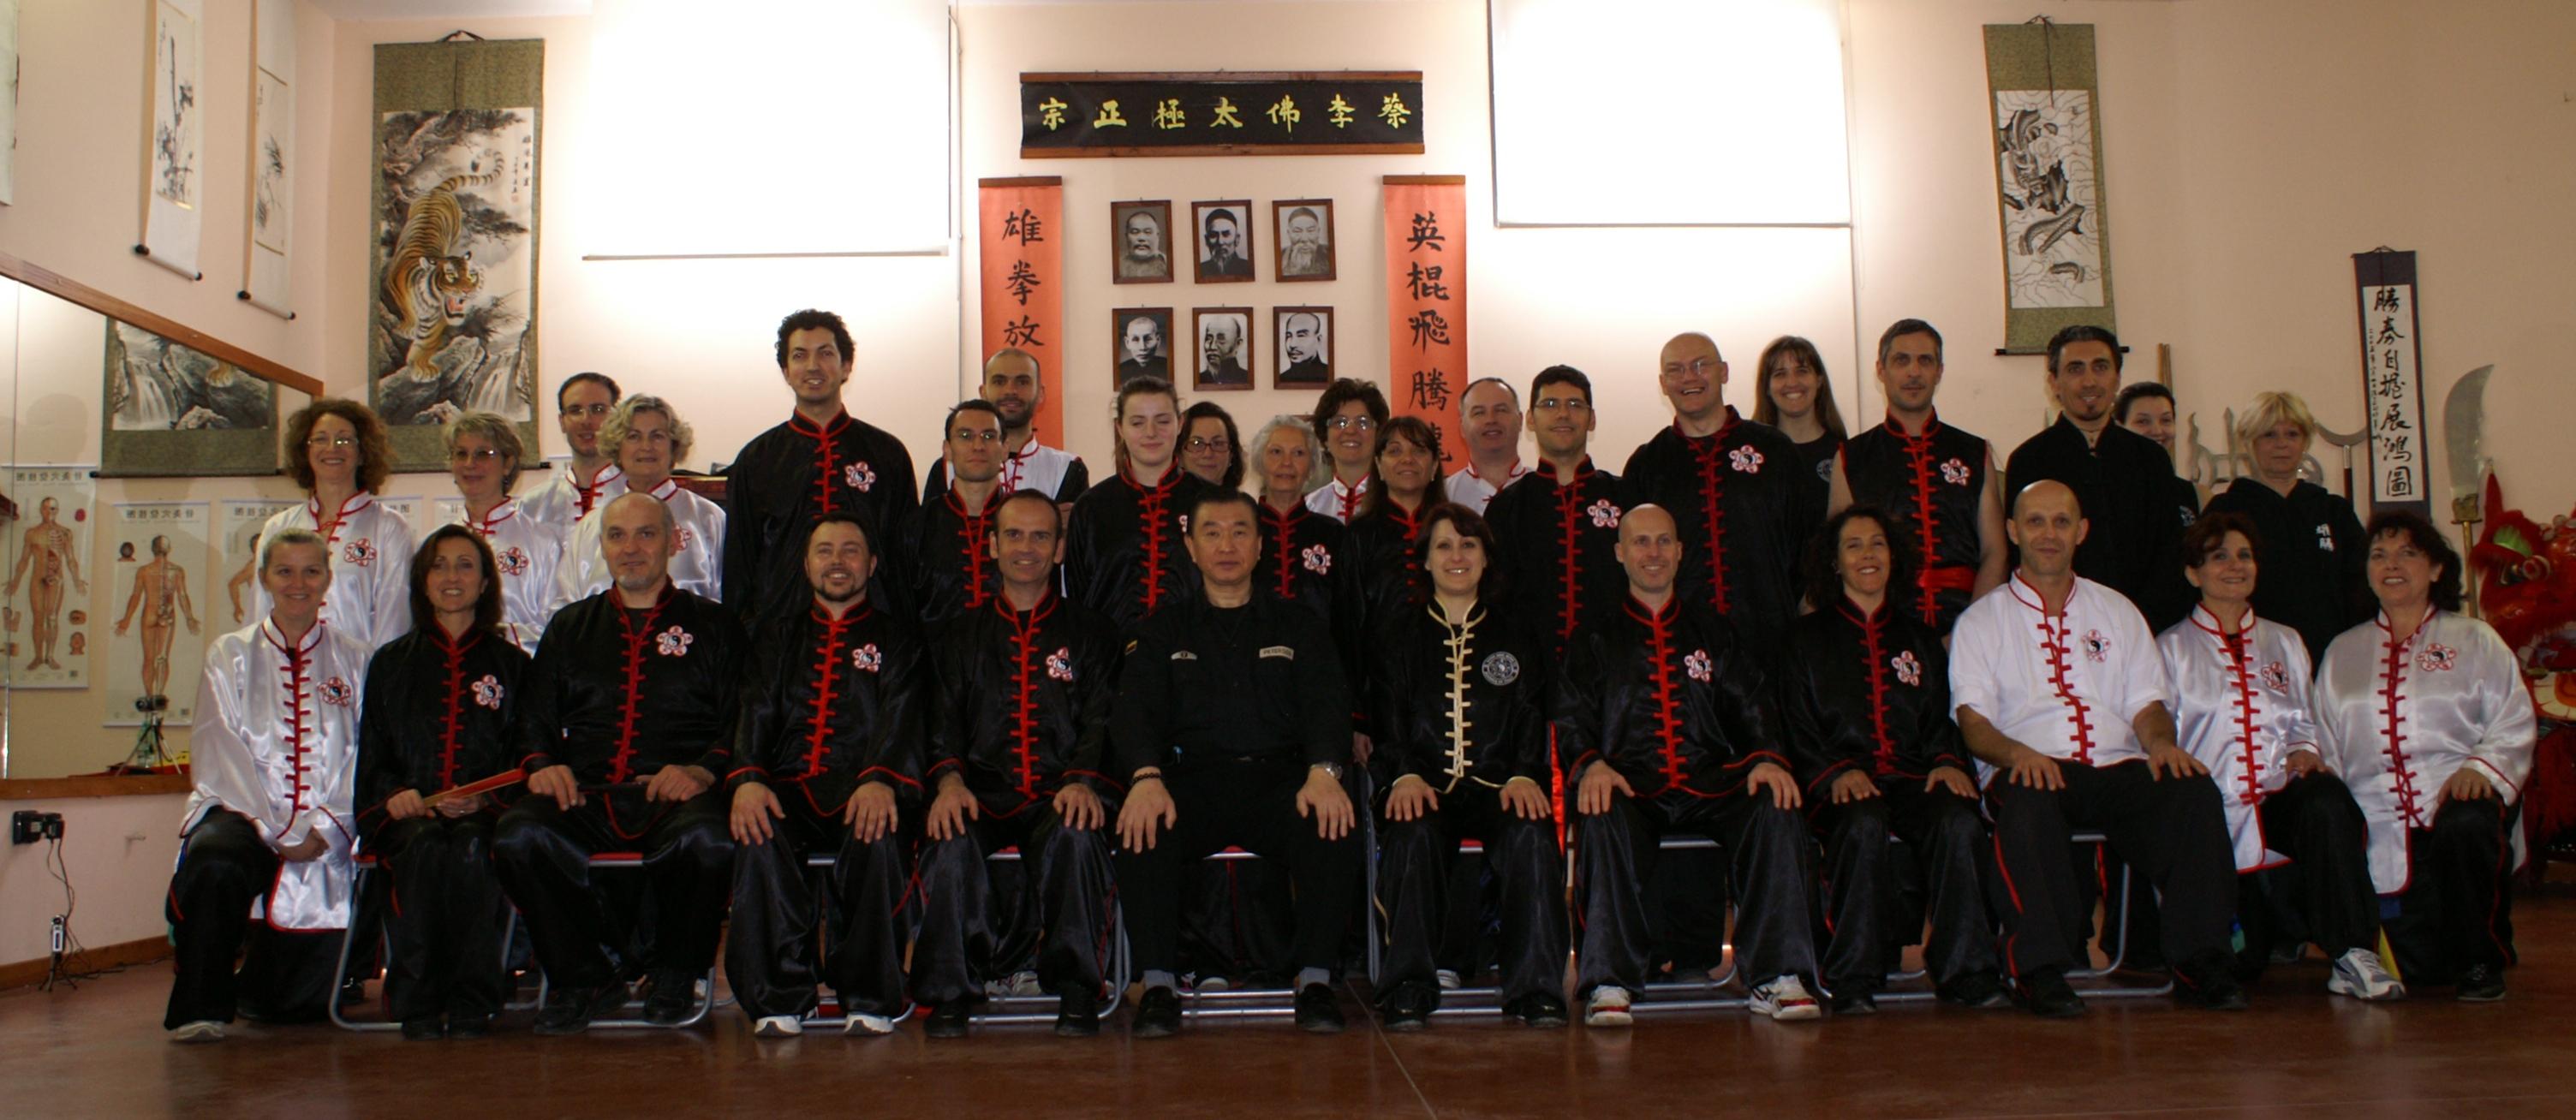 gruppo taichi